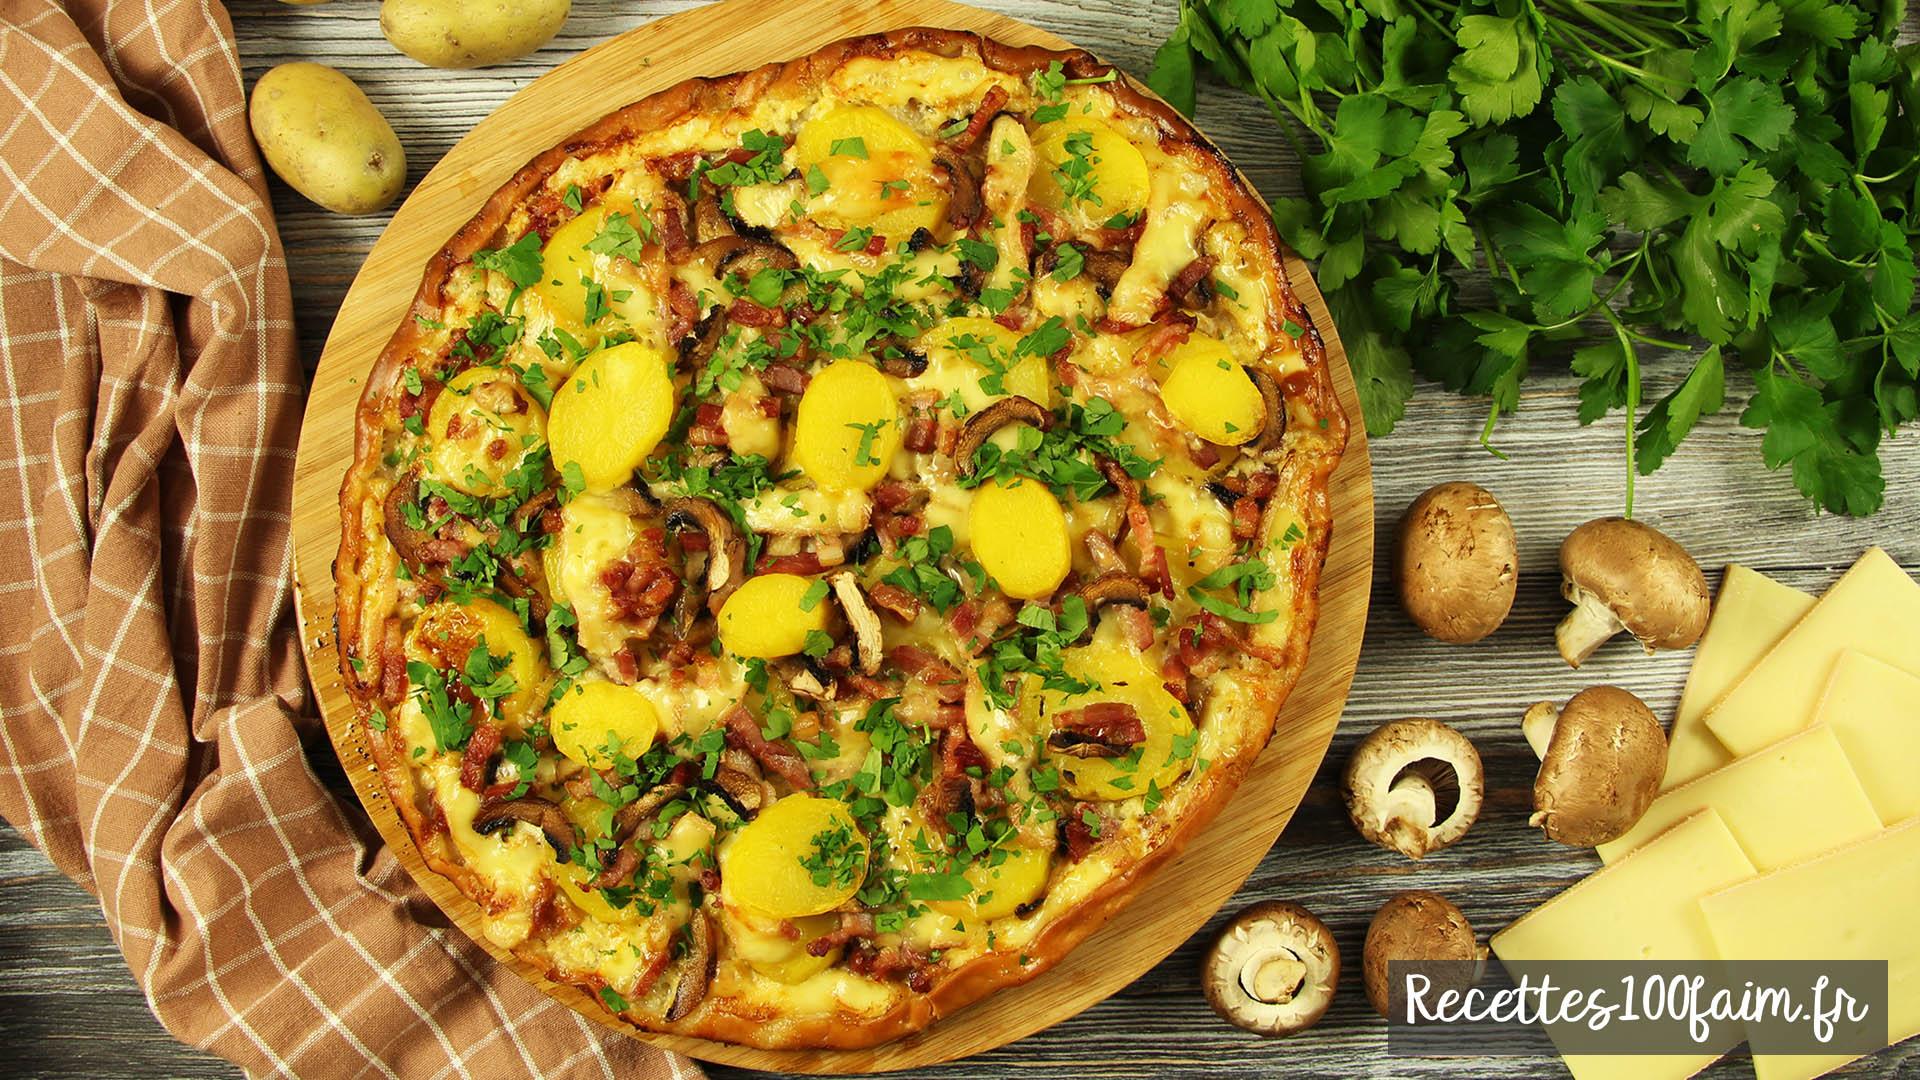 recette pizza raclette